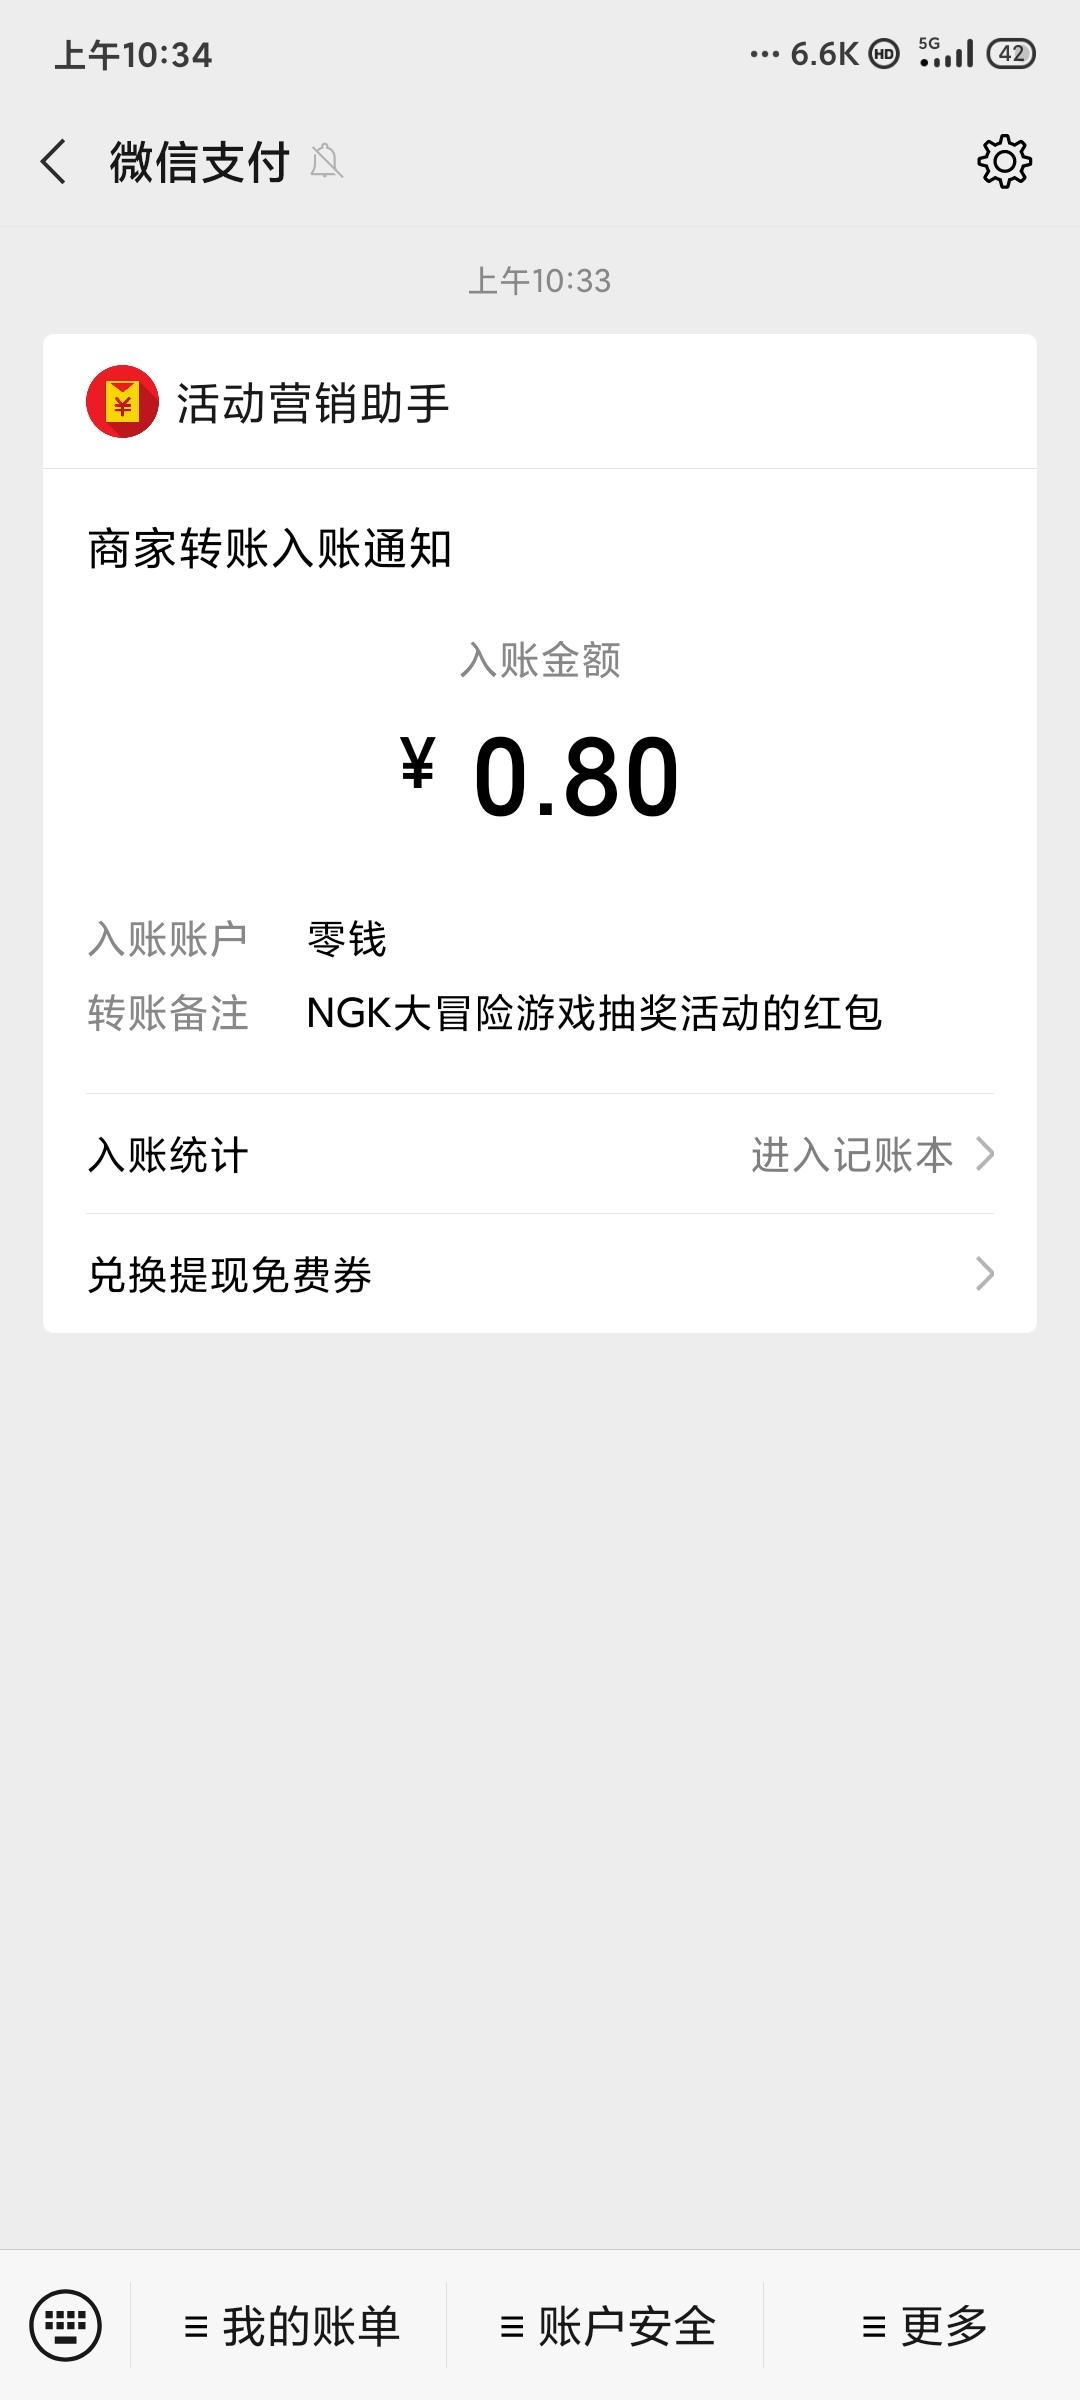 图片[1]-NGK火花塞玩游戏领红包-老友薅羊毛活动线报网